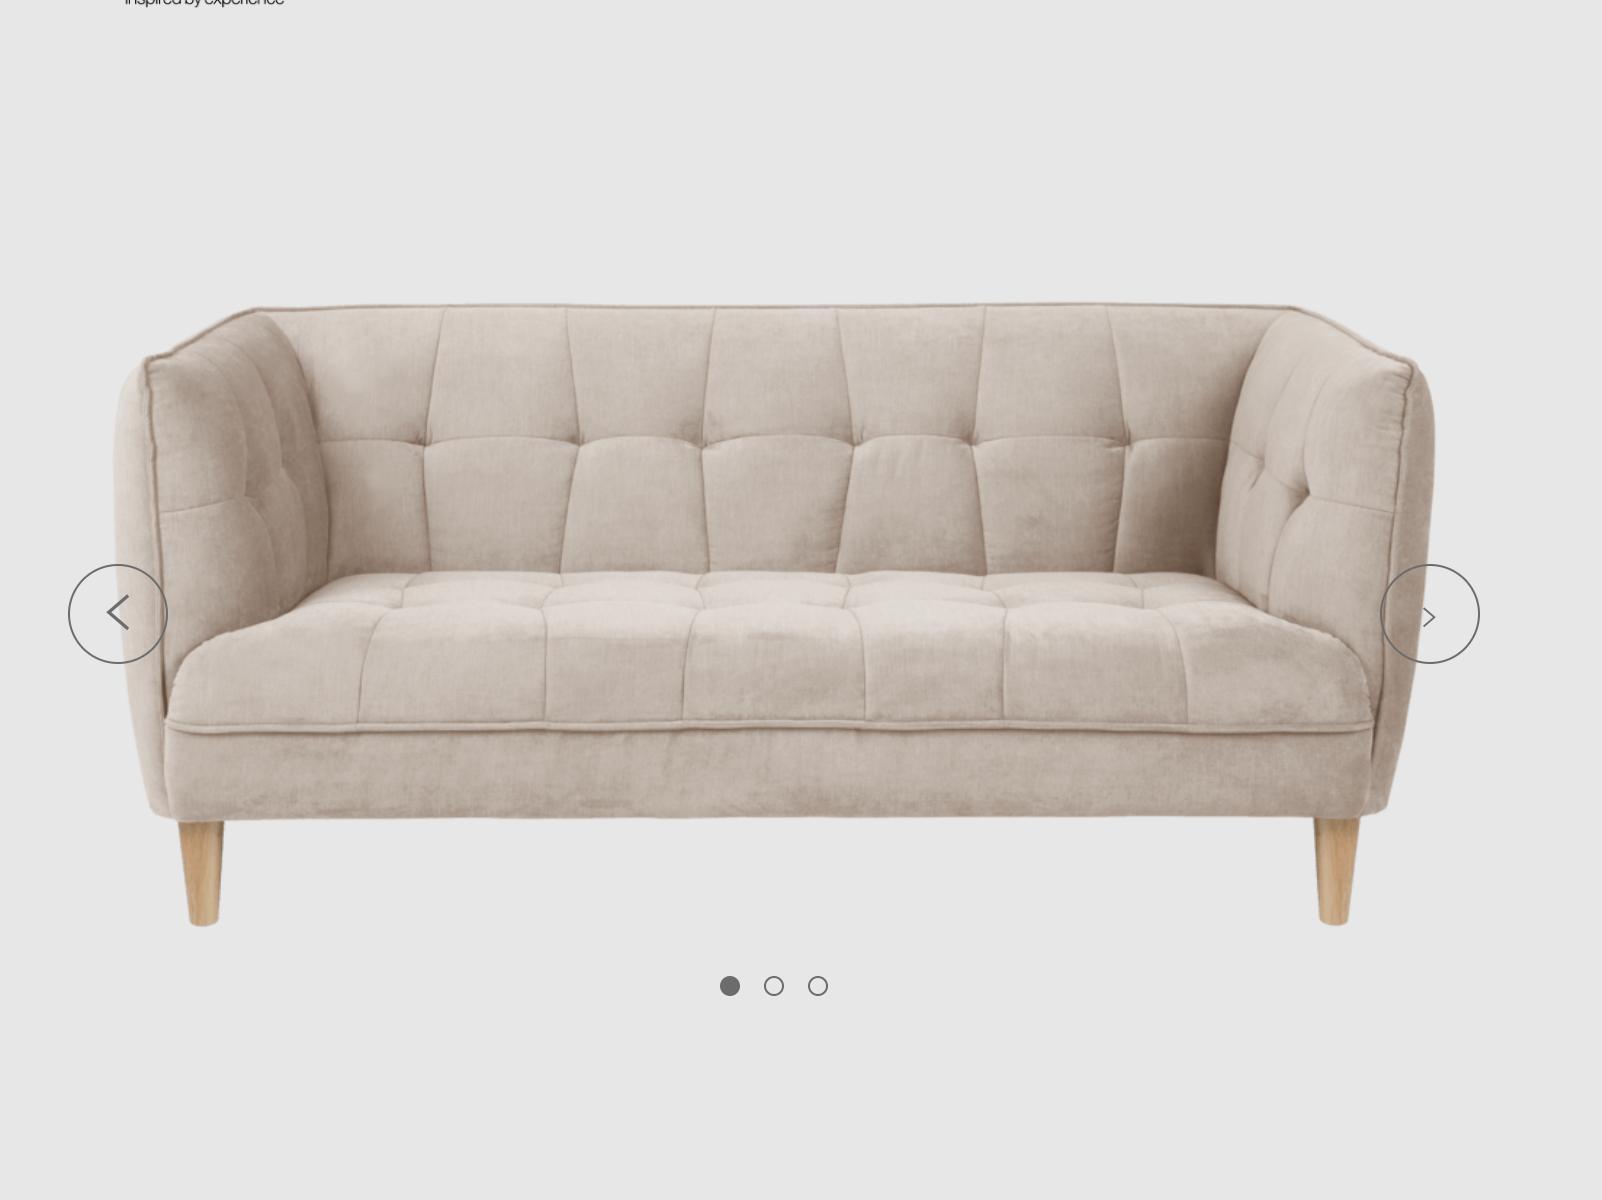 Cô nàng khó tính mách nước 8 mẫu sofa hô biến phòng khách sang chảnh thôi rồi - Ảnh 6.